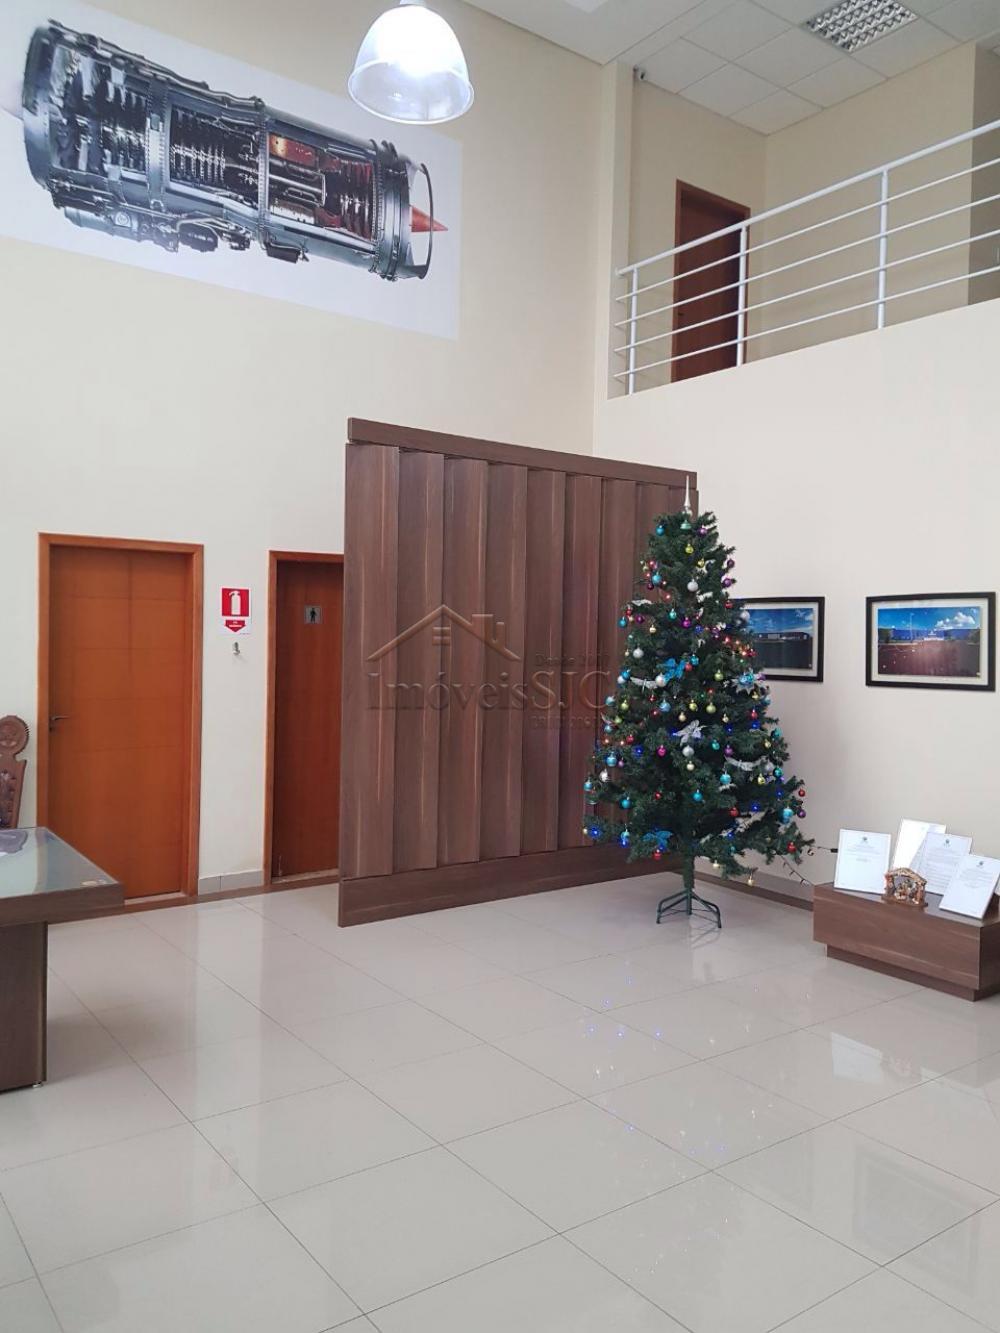 Alugar Comerciais / Prédio Comercial em São José dos Campos apenas R$ 22.000,00 - Foto 9